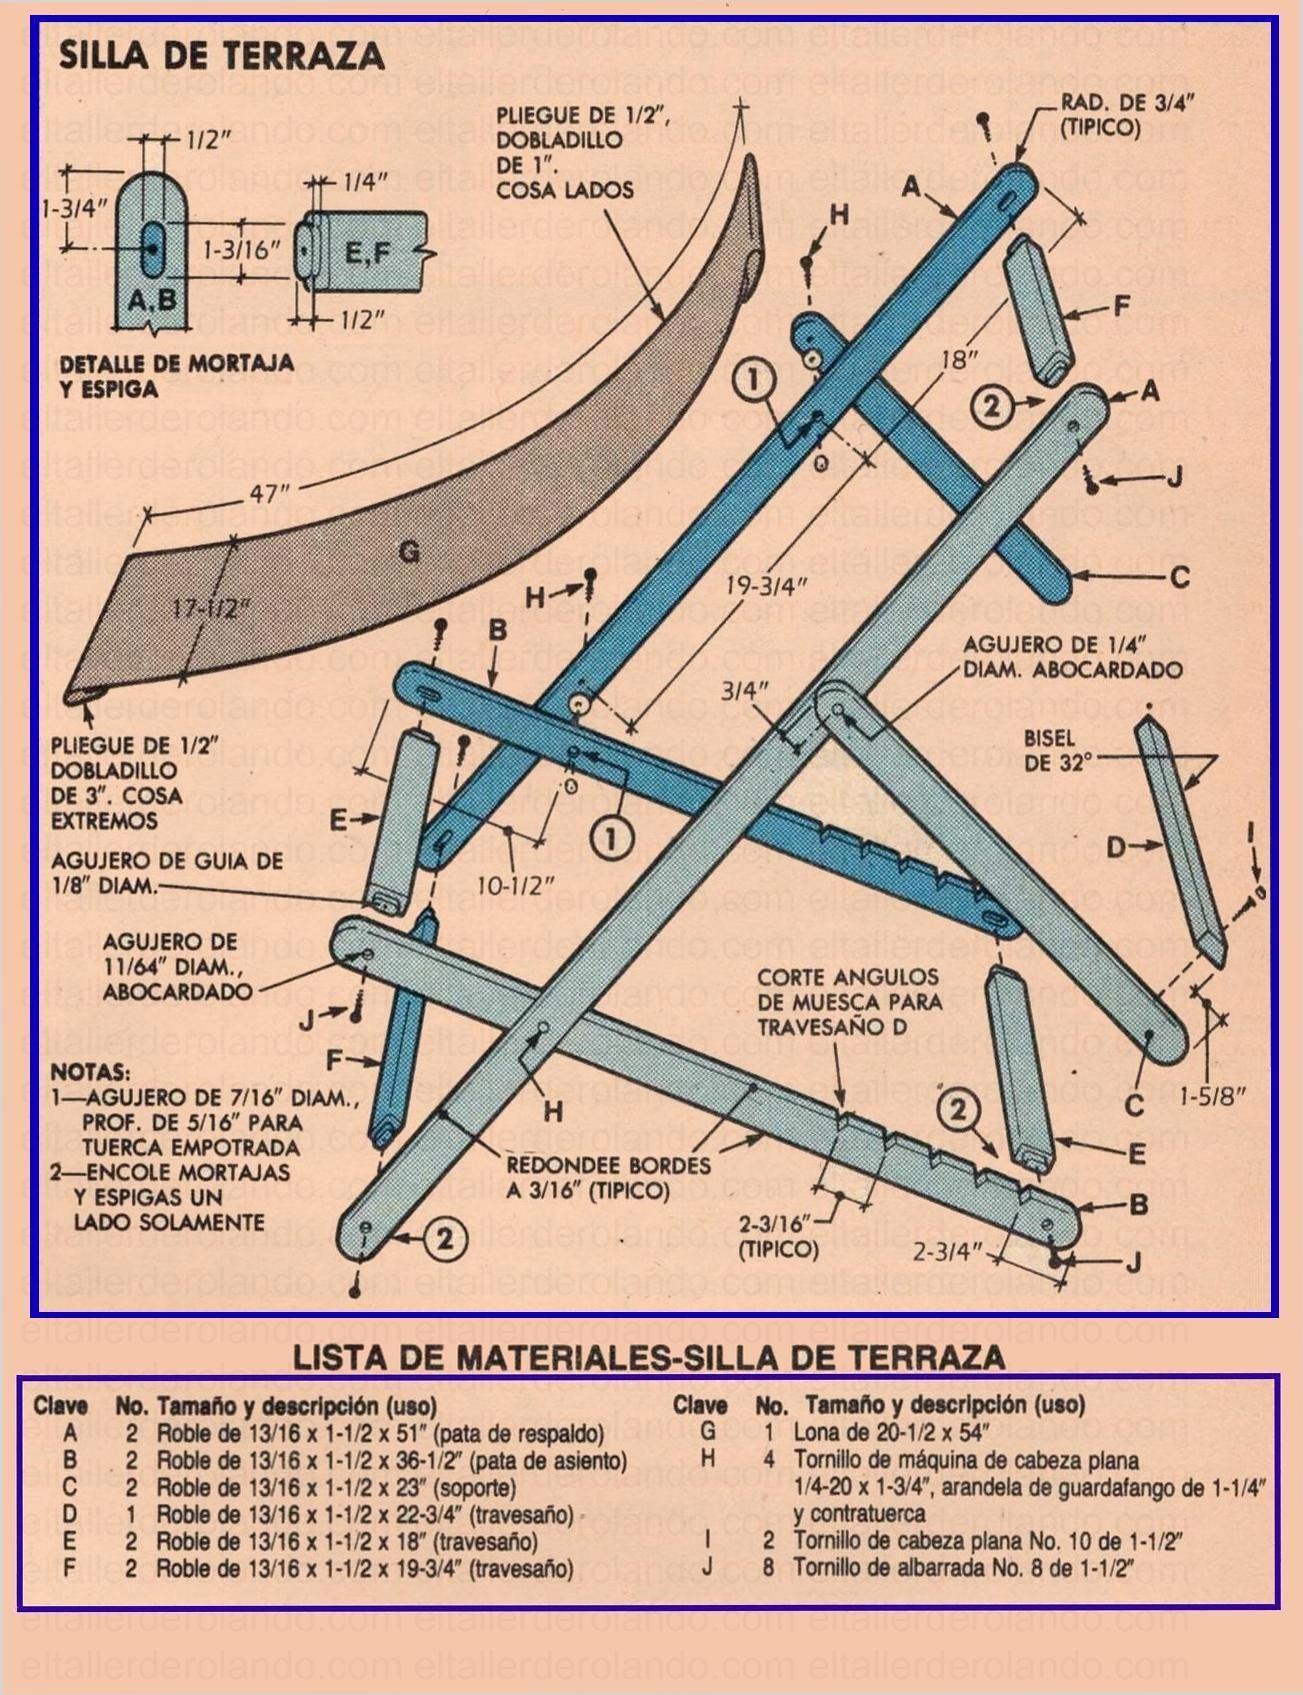 Construya Sillas Portatiles Noviembre 1985 002a Lista De